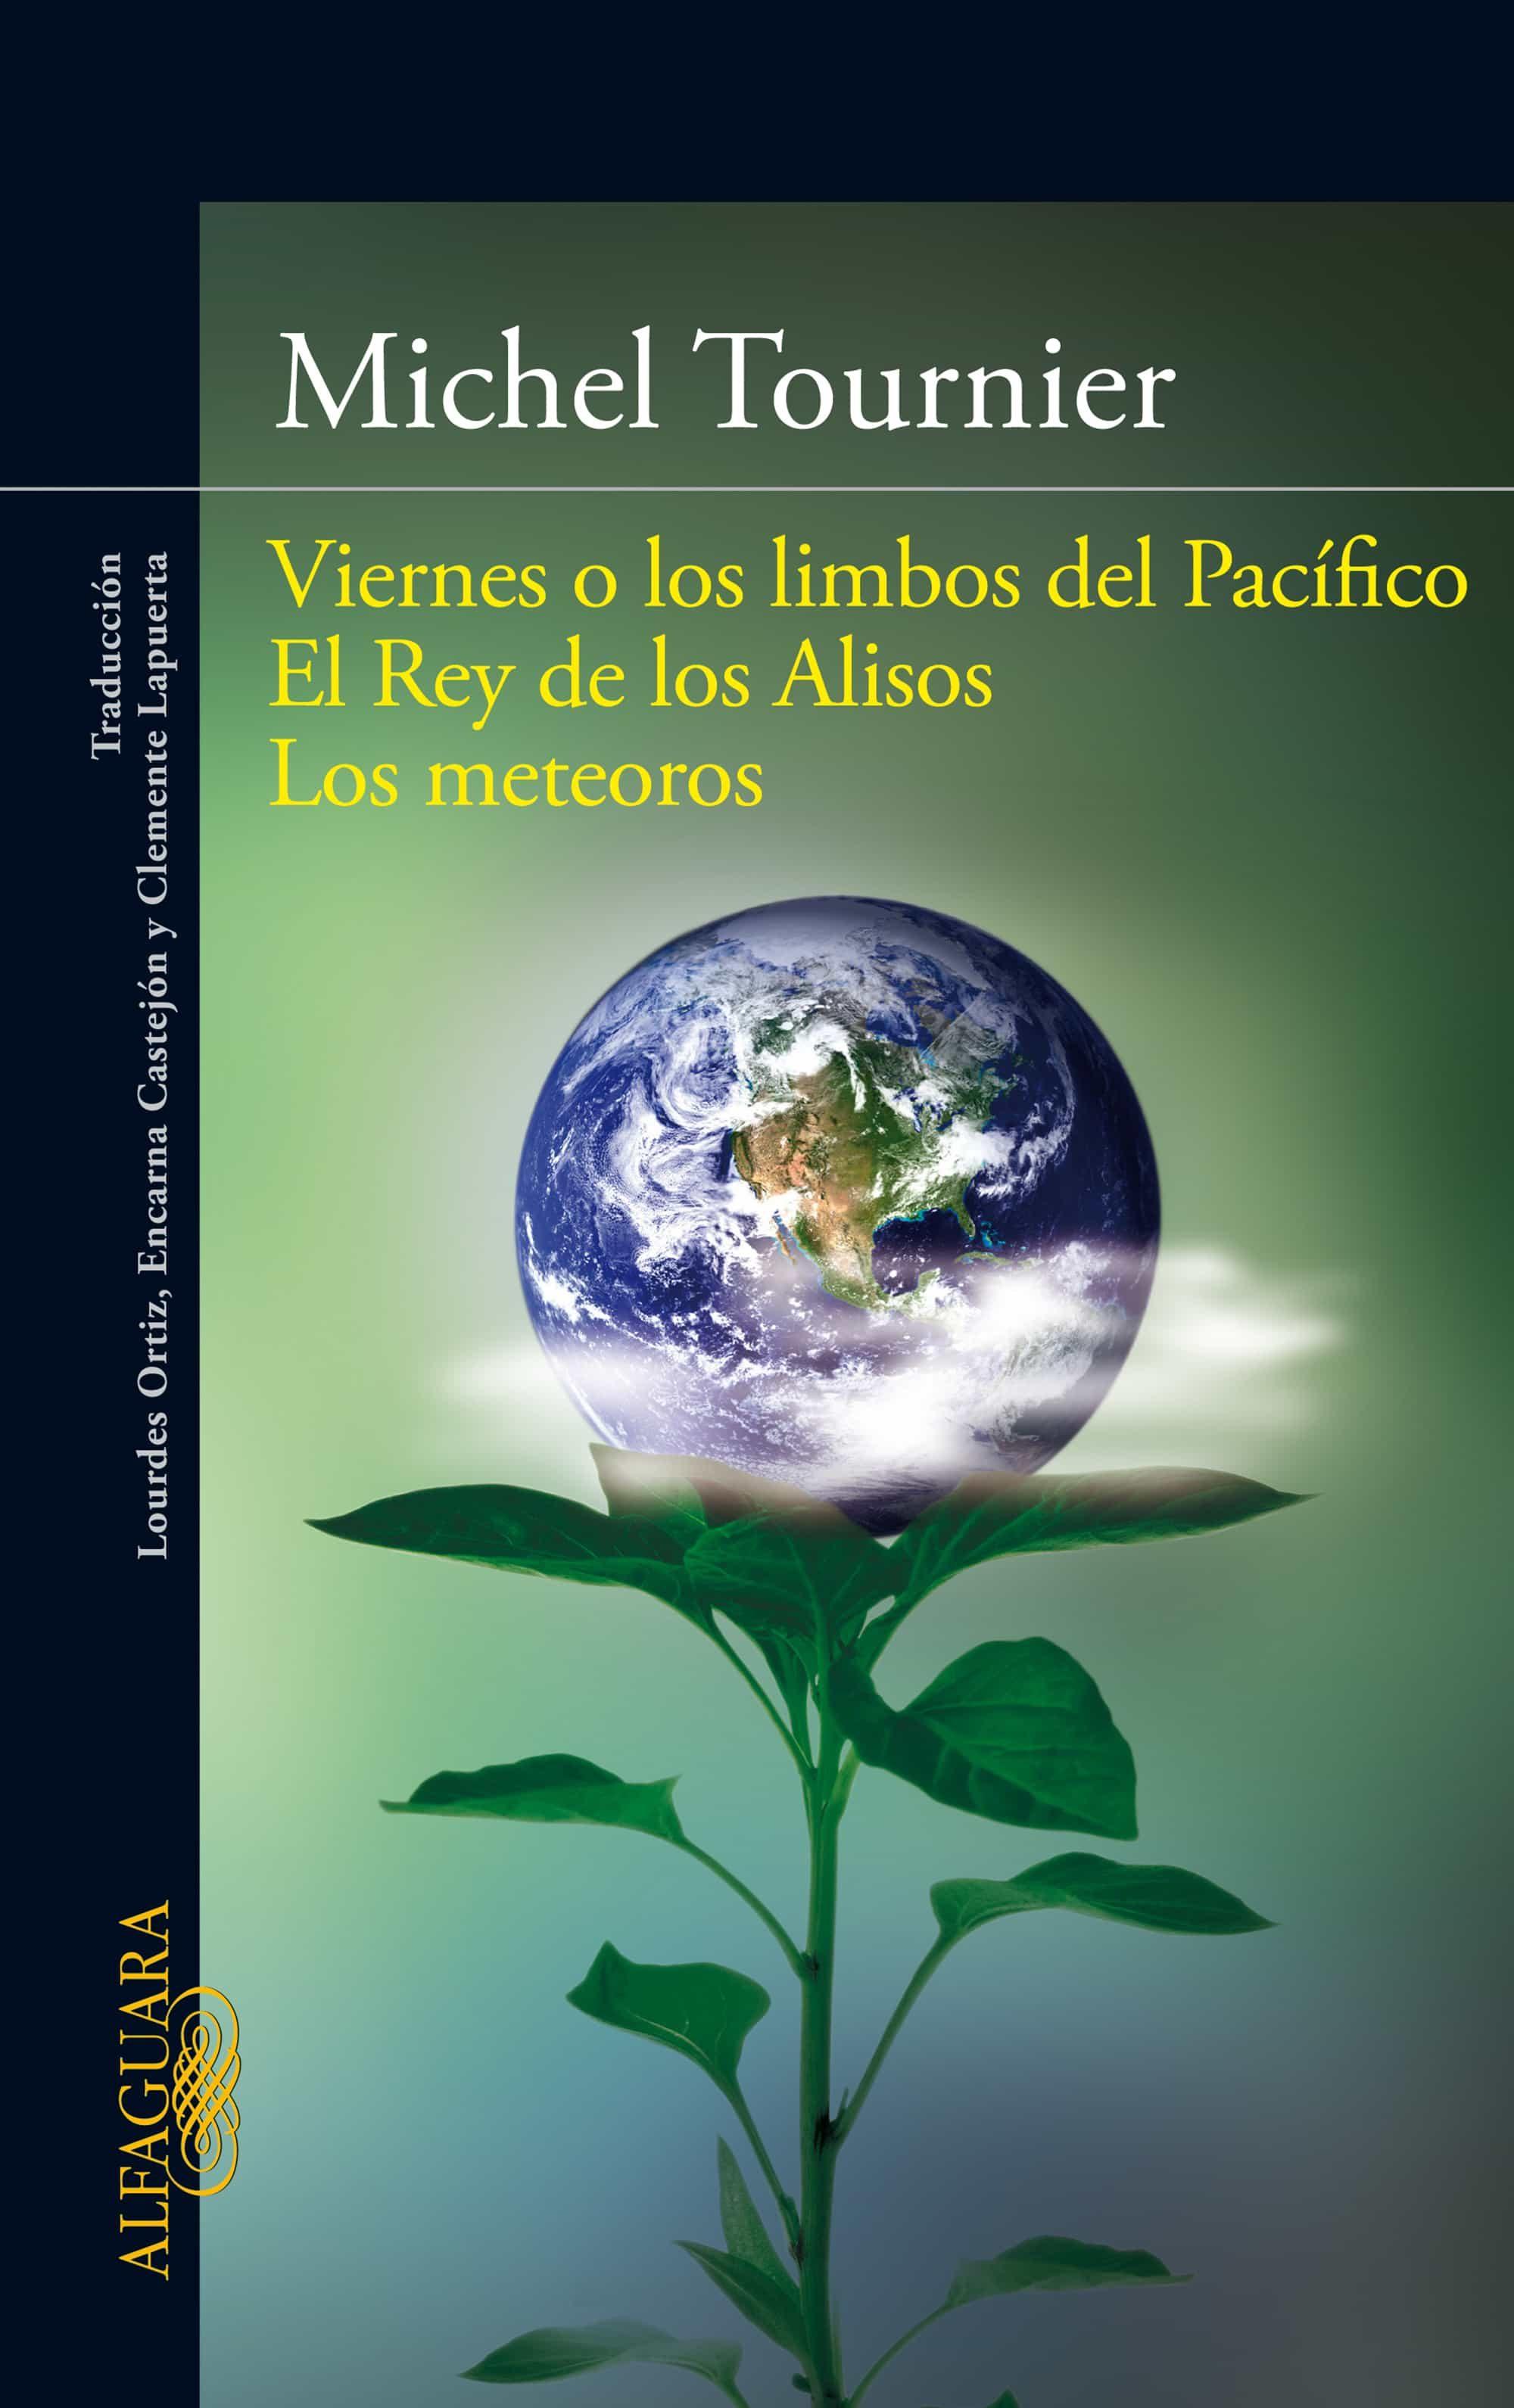 Viernes O Los Limbos Del Pacífico   El Rey De Los Alisos   Los Meteoros   por Michel Tournier